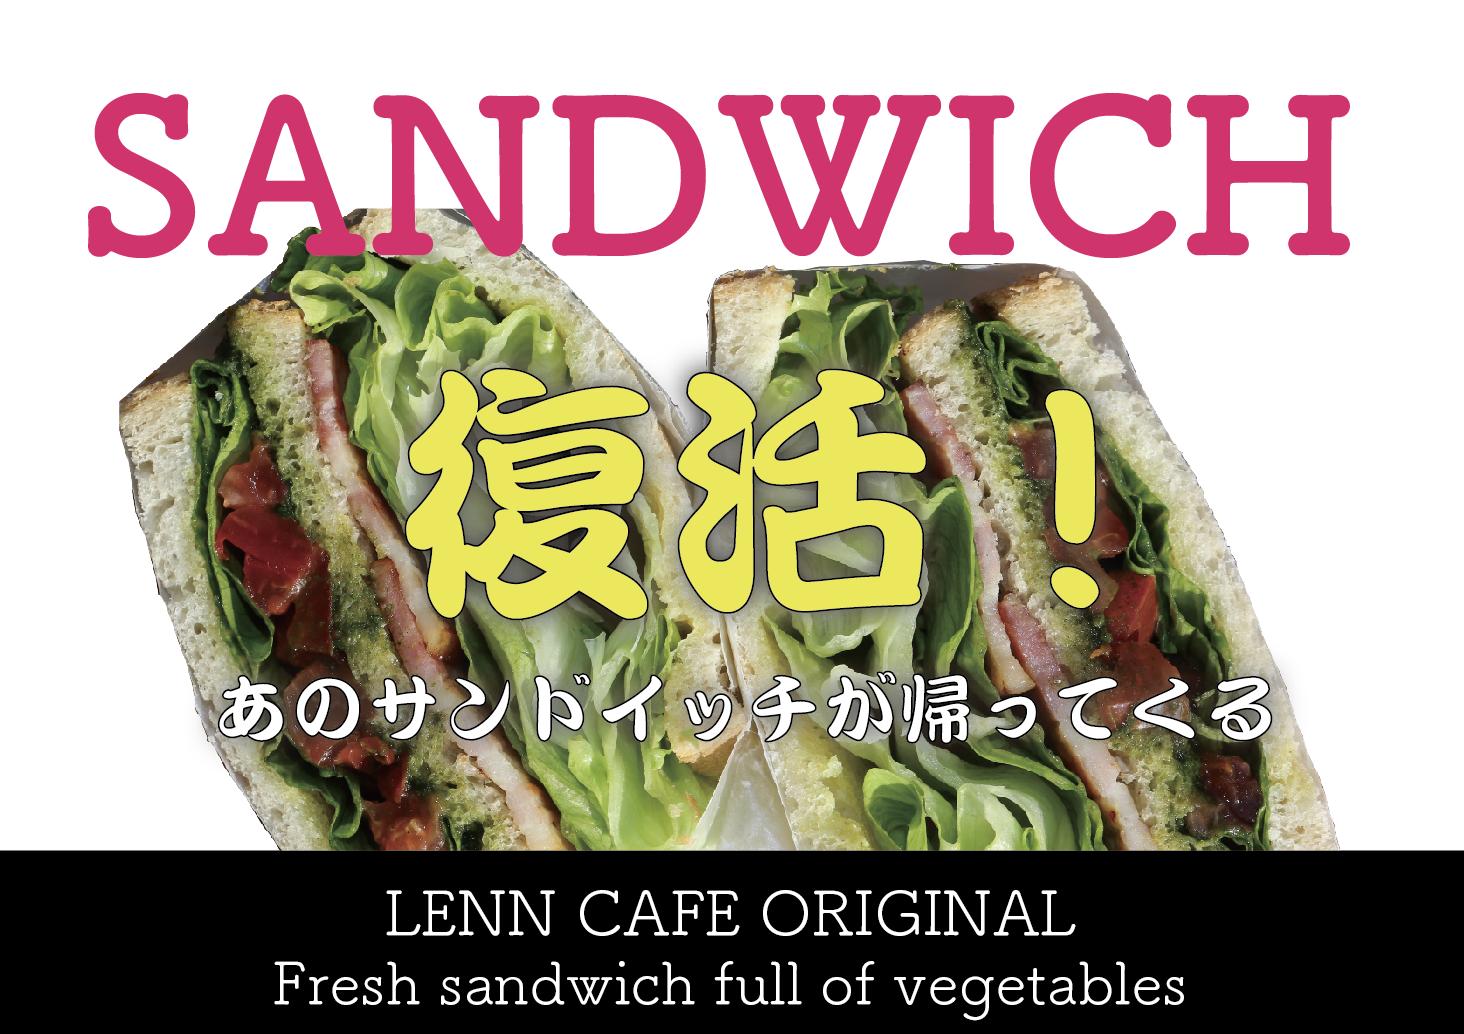 レンカフェ(LENN CAFE)サンドイッチ(Sandwich)復活!!